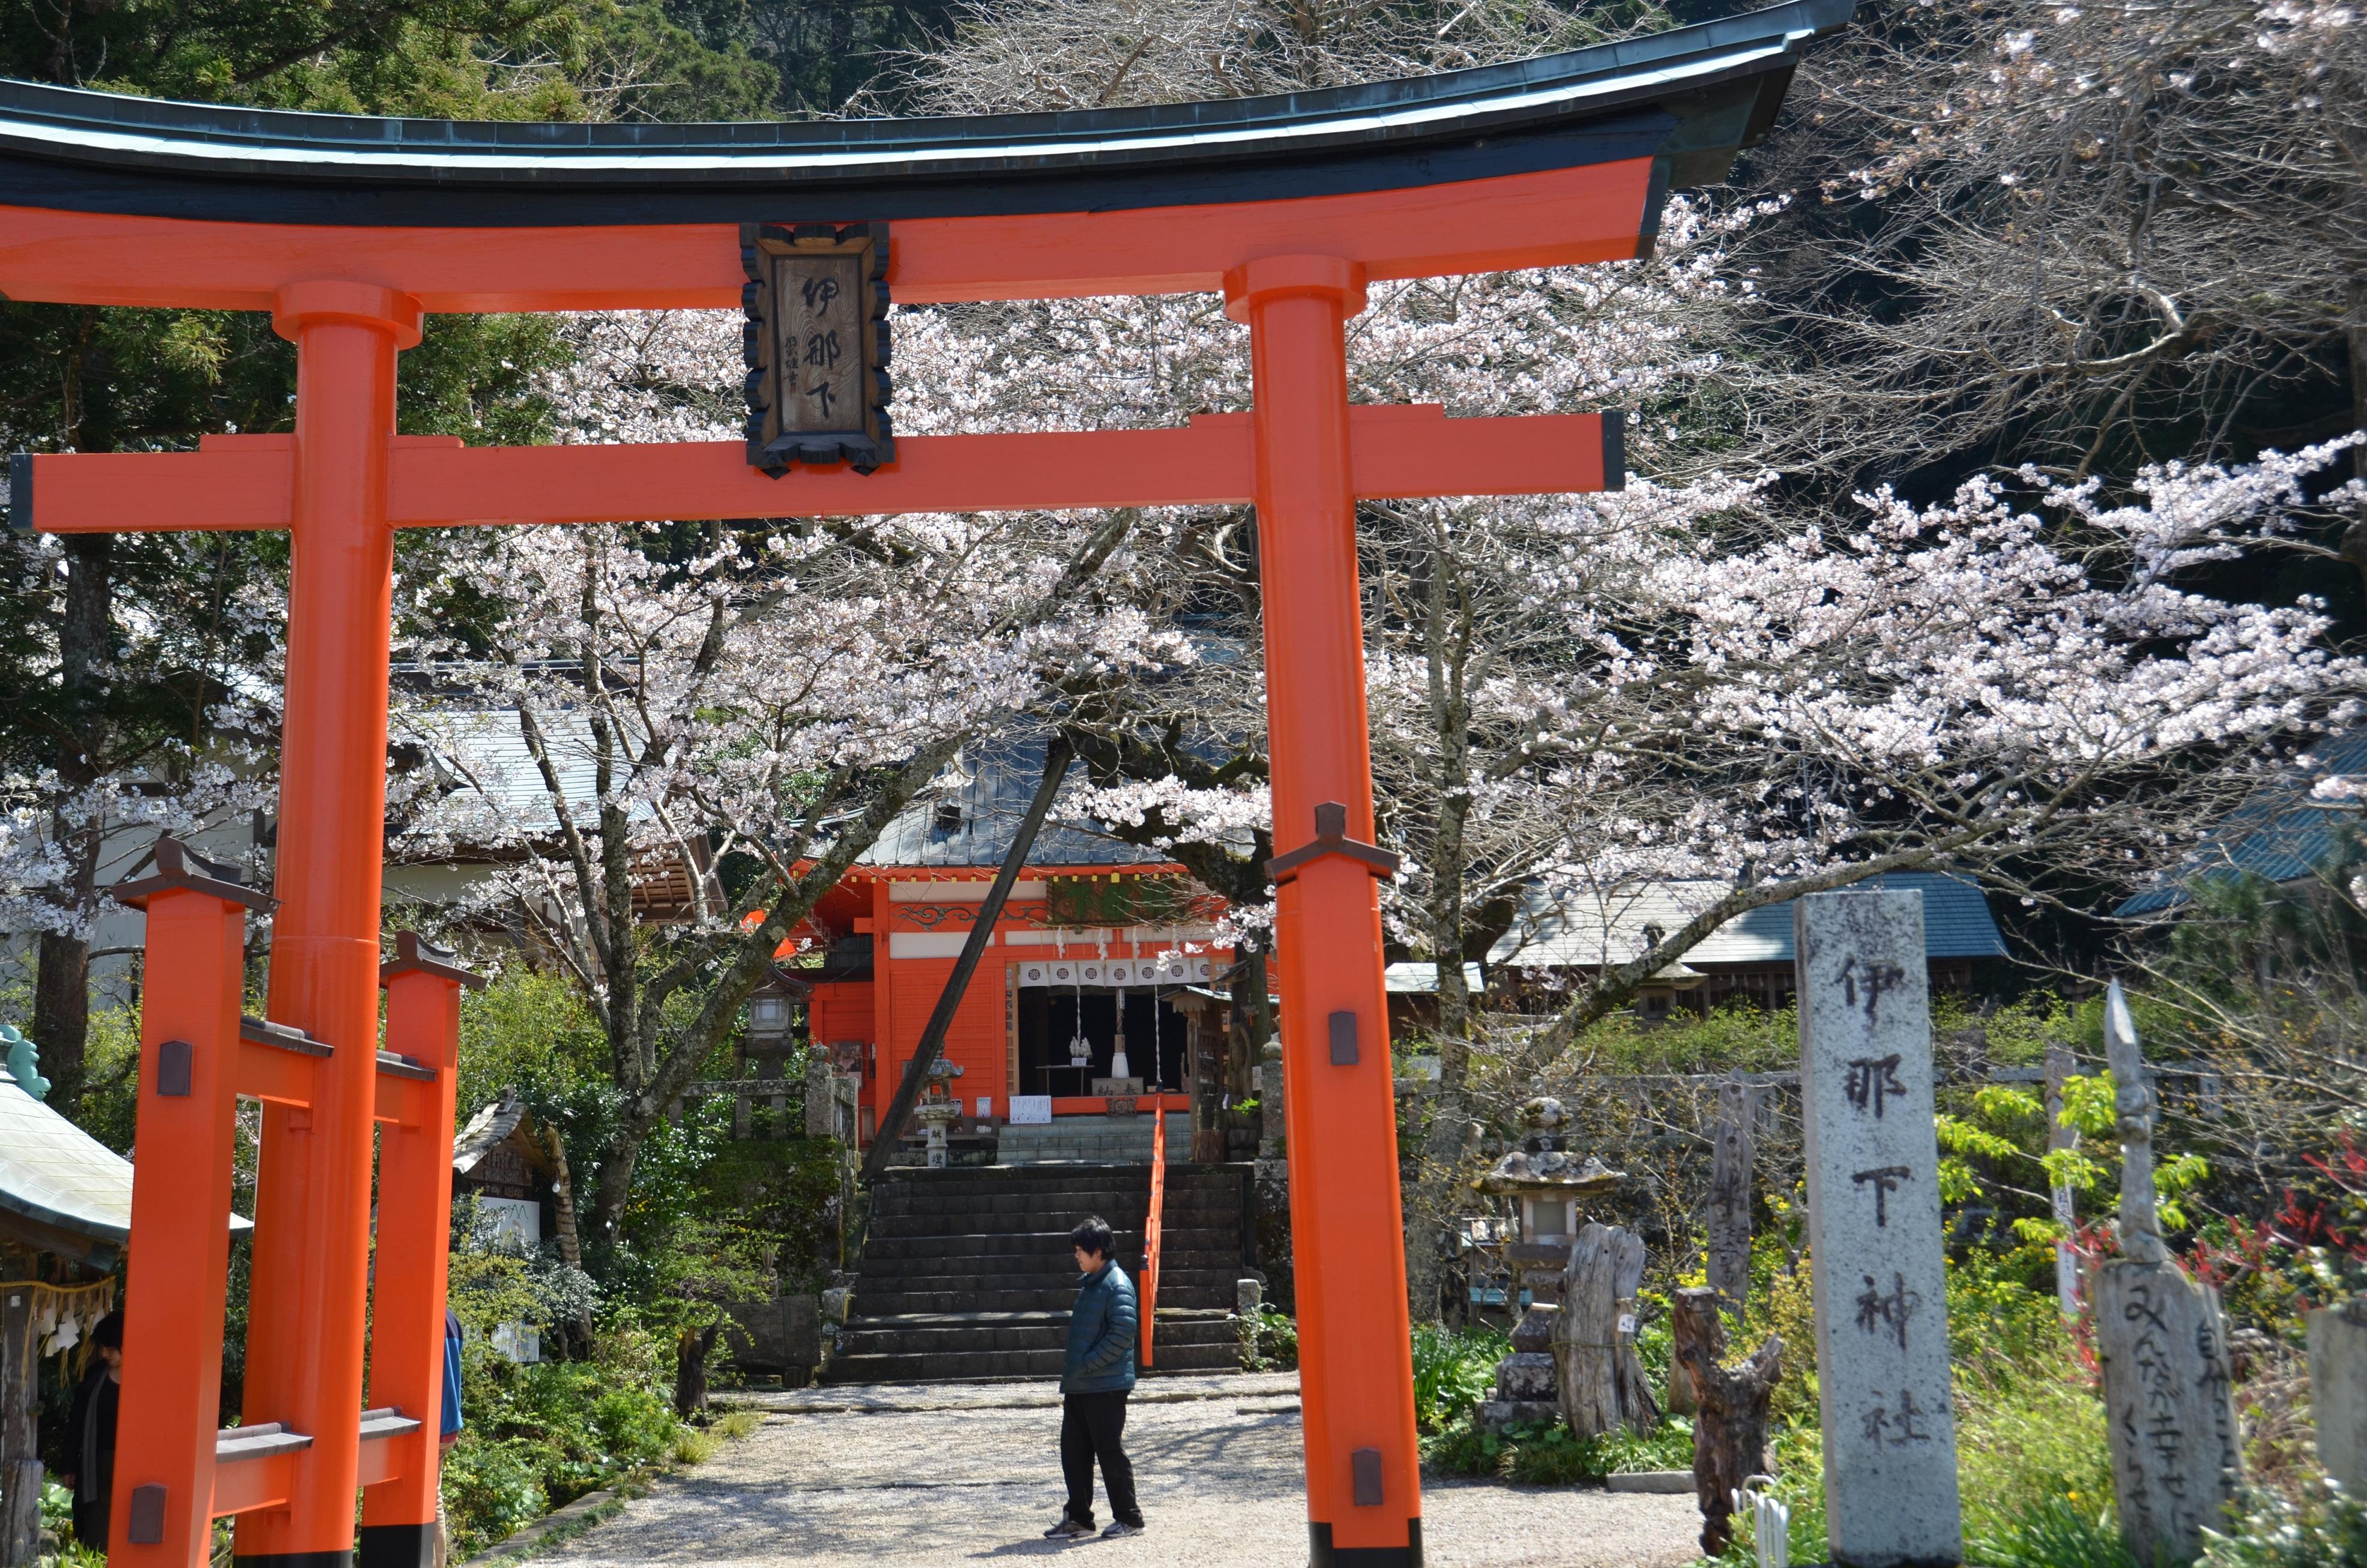 伊那下神社のソメイヨシノが綺麗に咲いています。